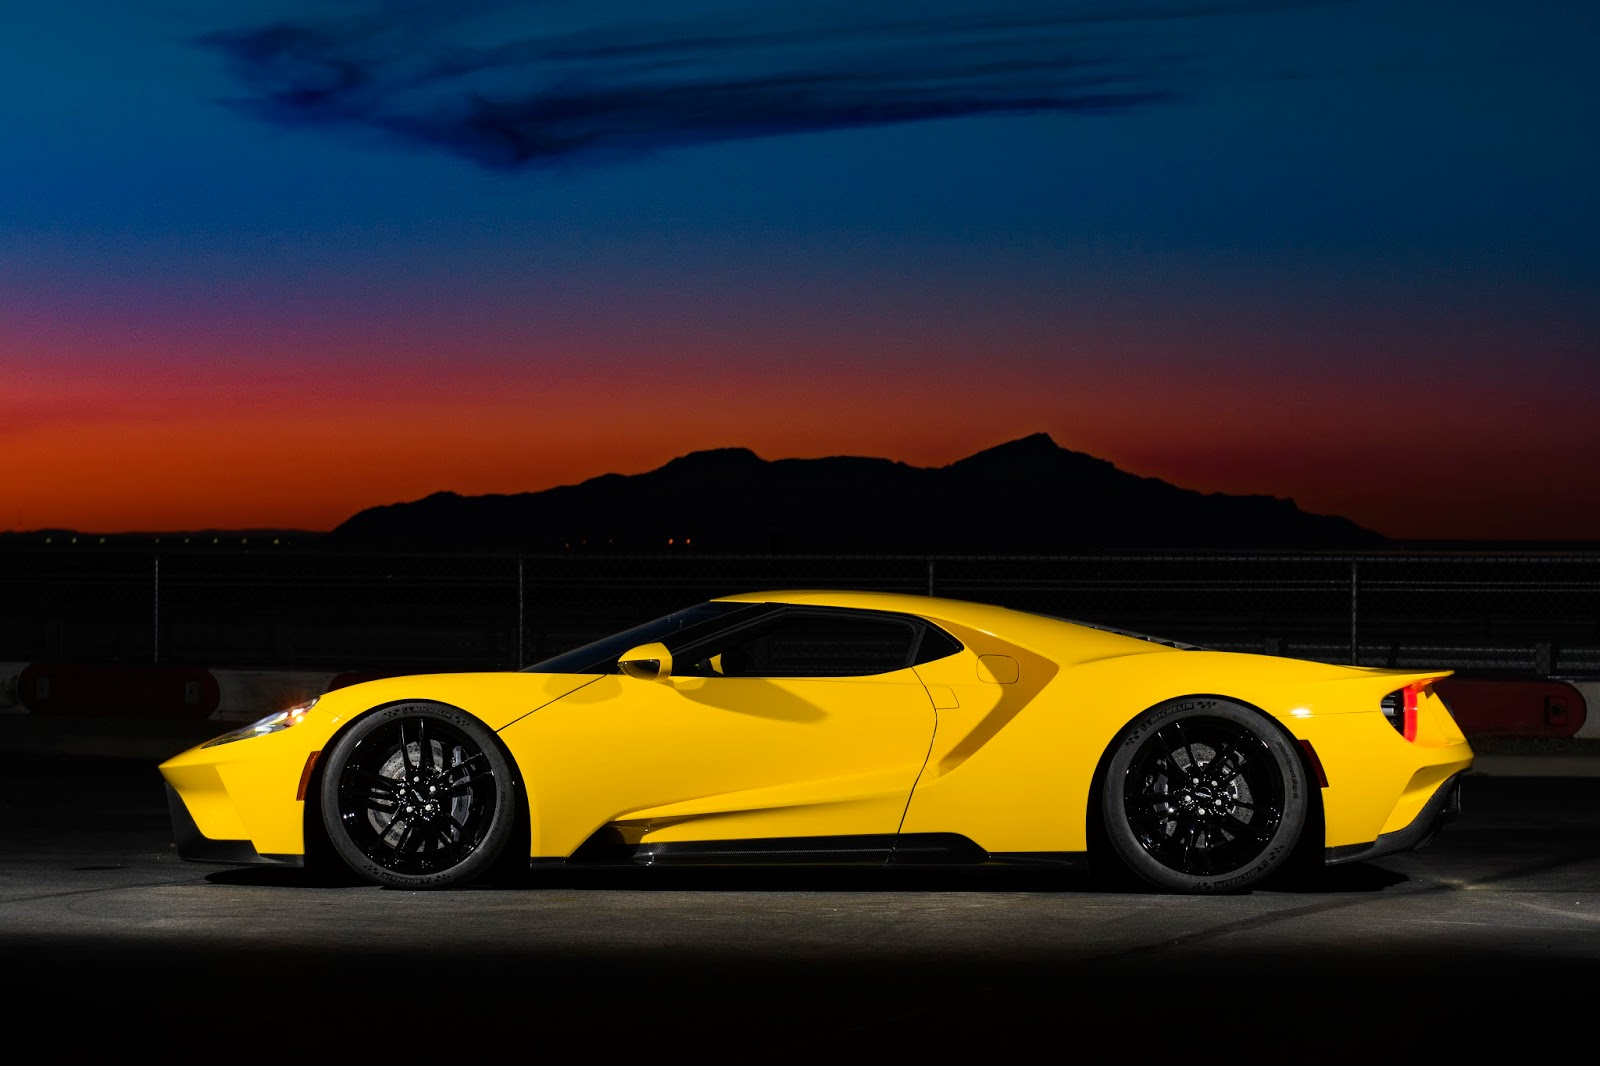 All NewFordGT Innovations 17 Ford GT : Το αυτοκίνητο του αύριο... σήμερα Ford, Ford GT, Ford GT 40, Future, supercars, τεχνικά, Τεχνολογία